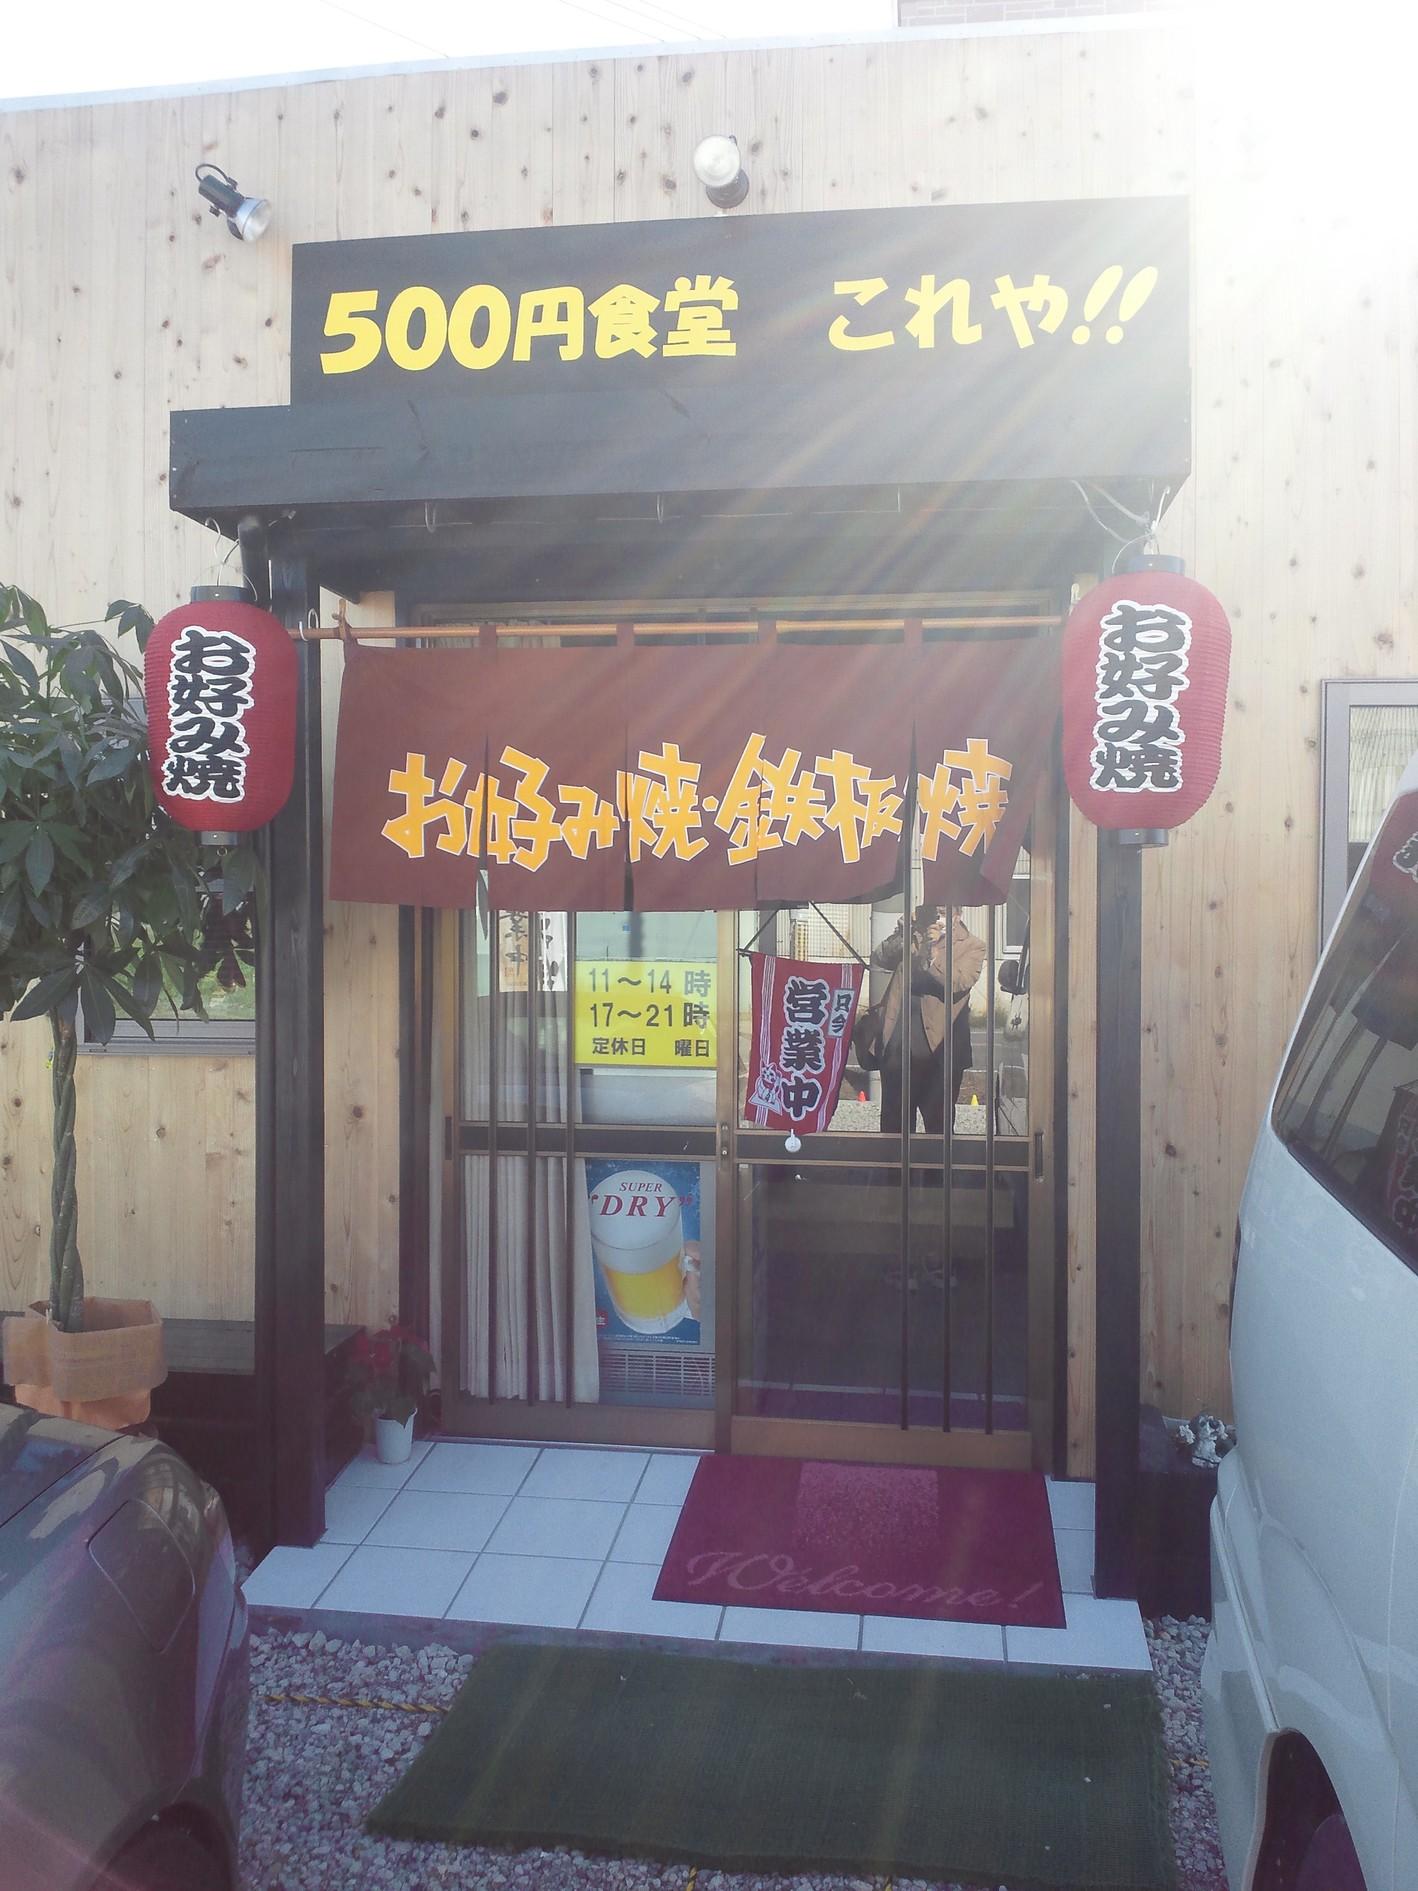 500円食堂これや